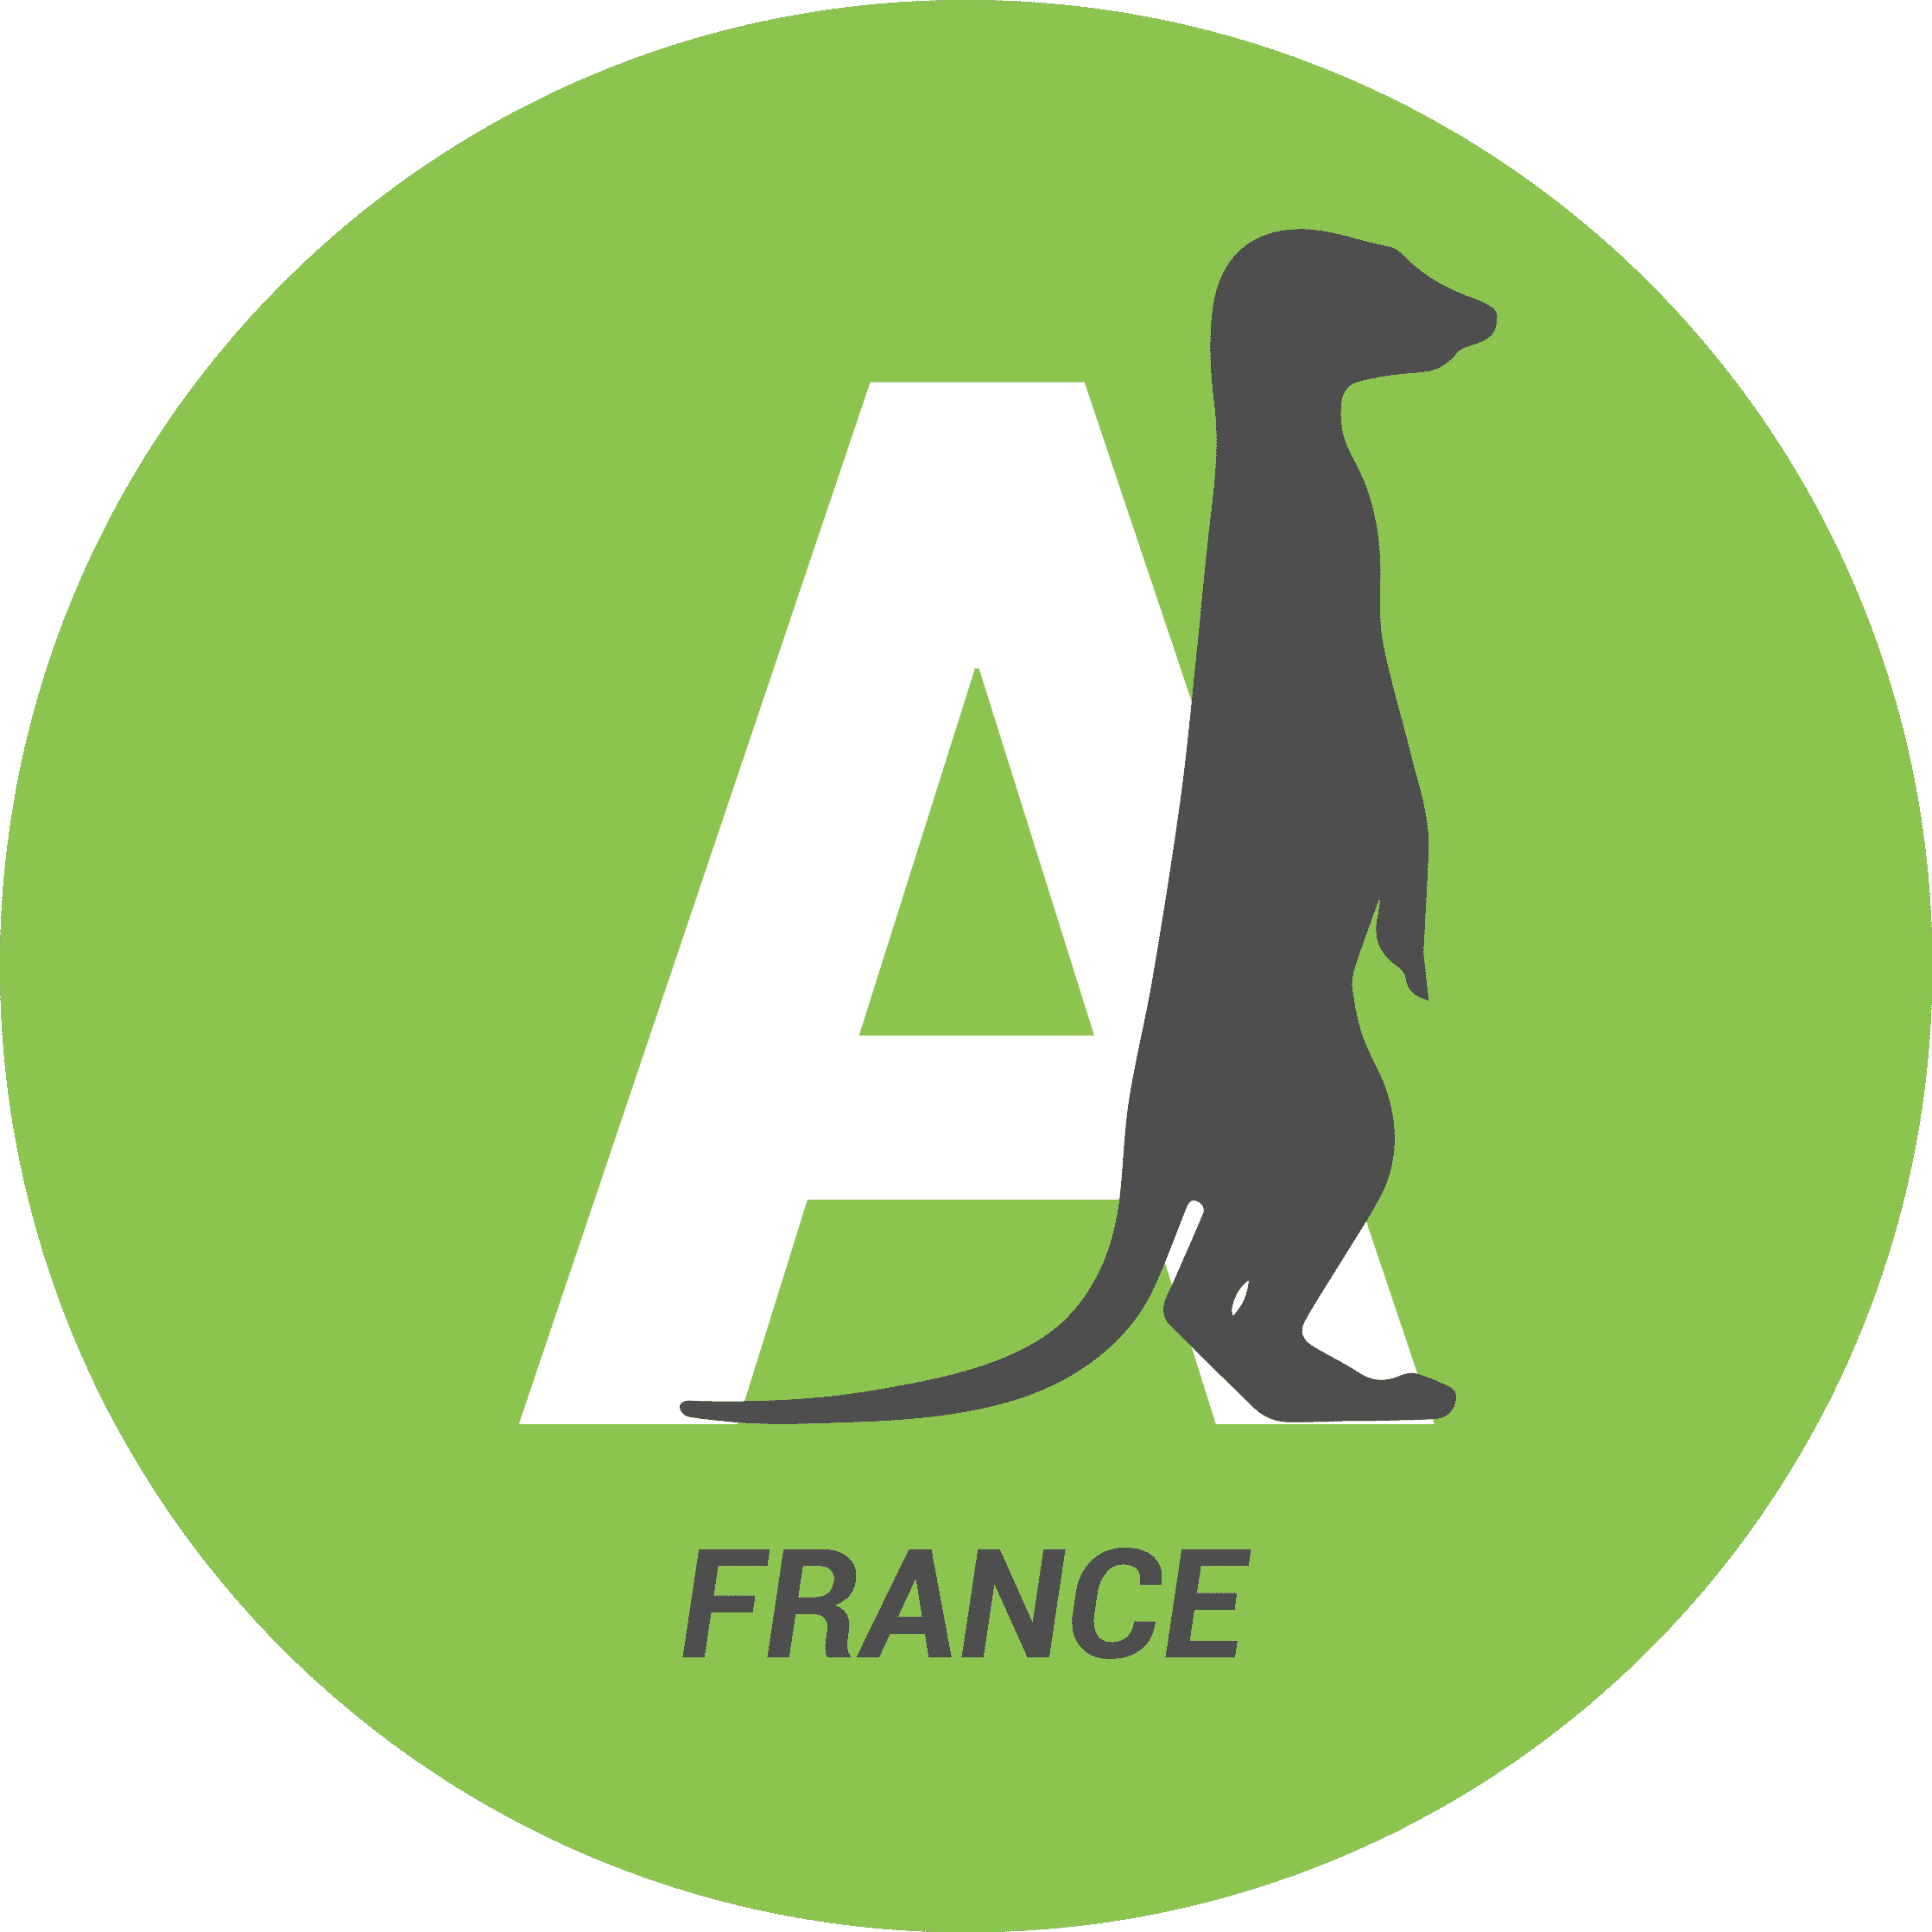 ADONIS PROVENCE - Expert en traitement des punaises de lit, cafards, rongeurs, frelons et autres nuisibles Icon